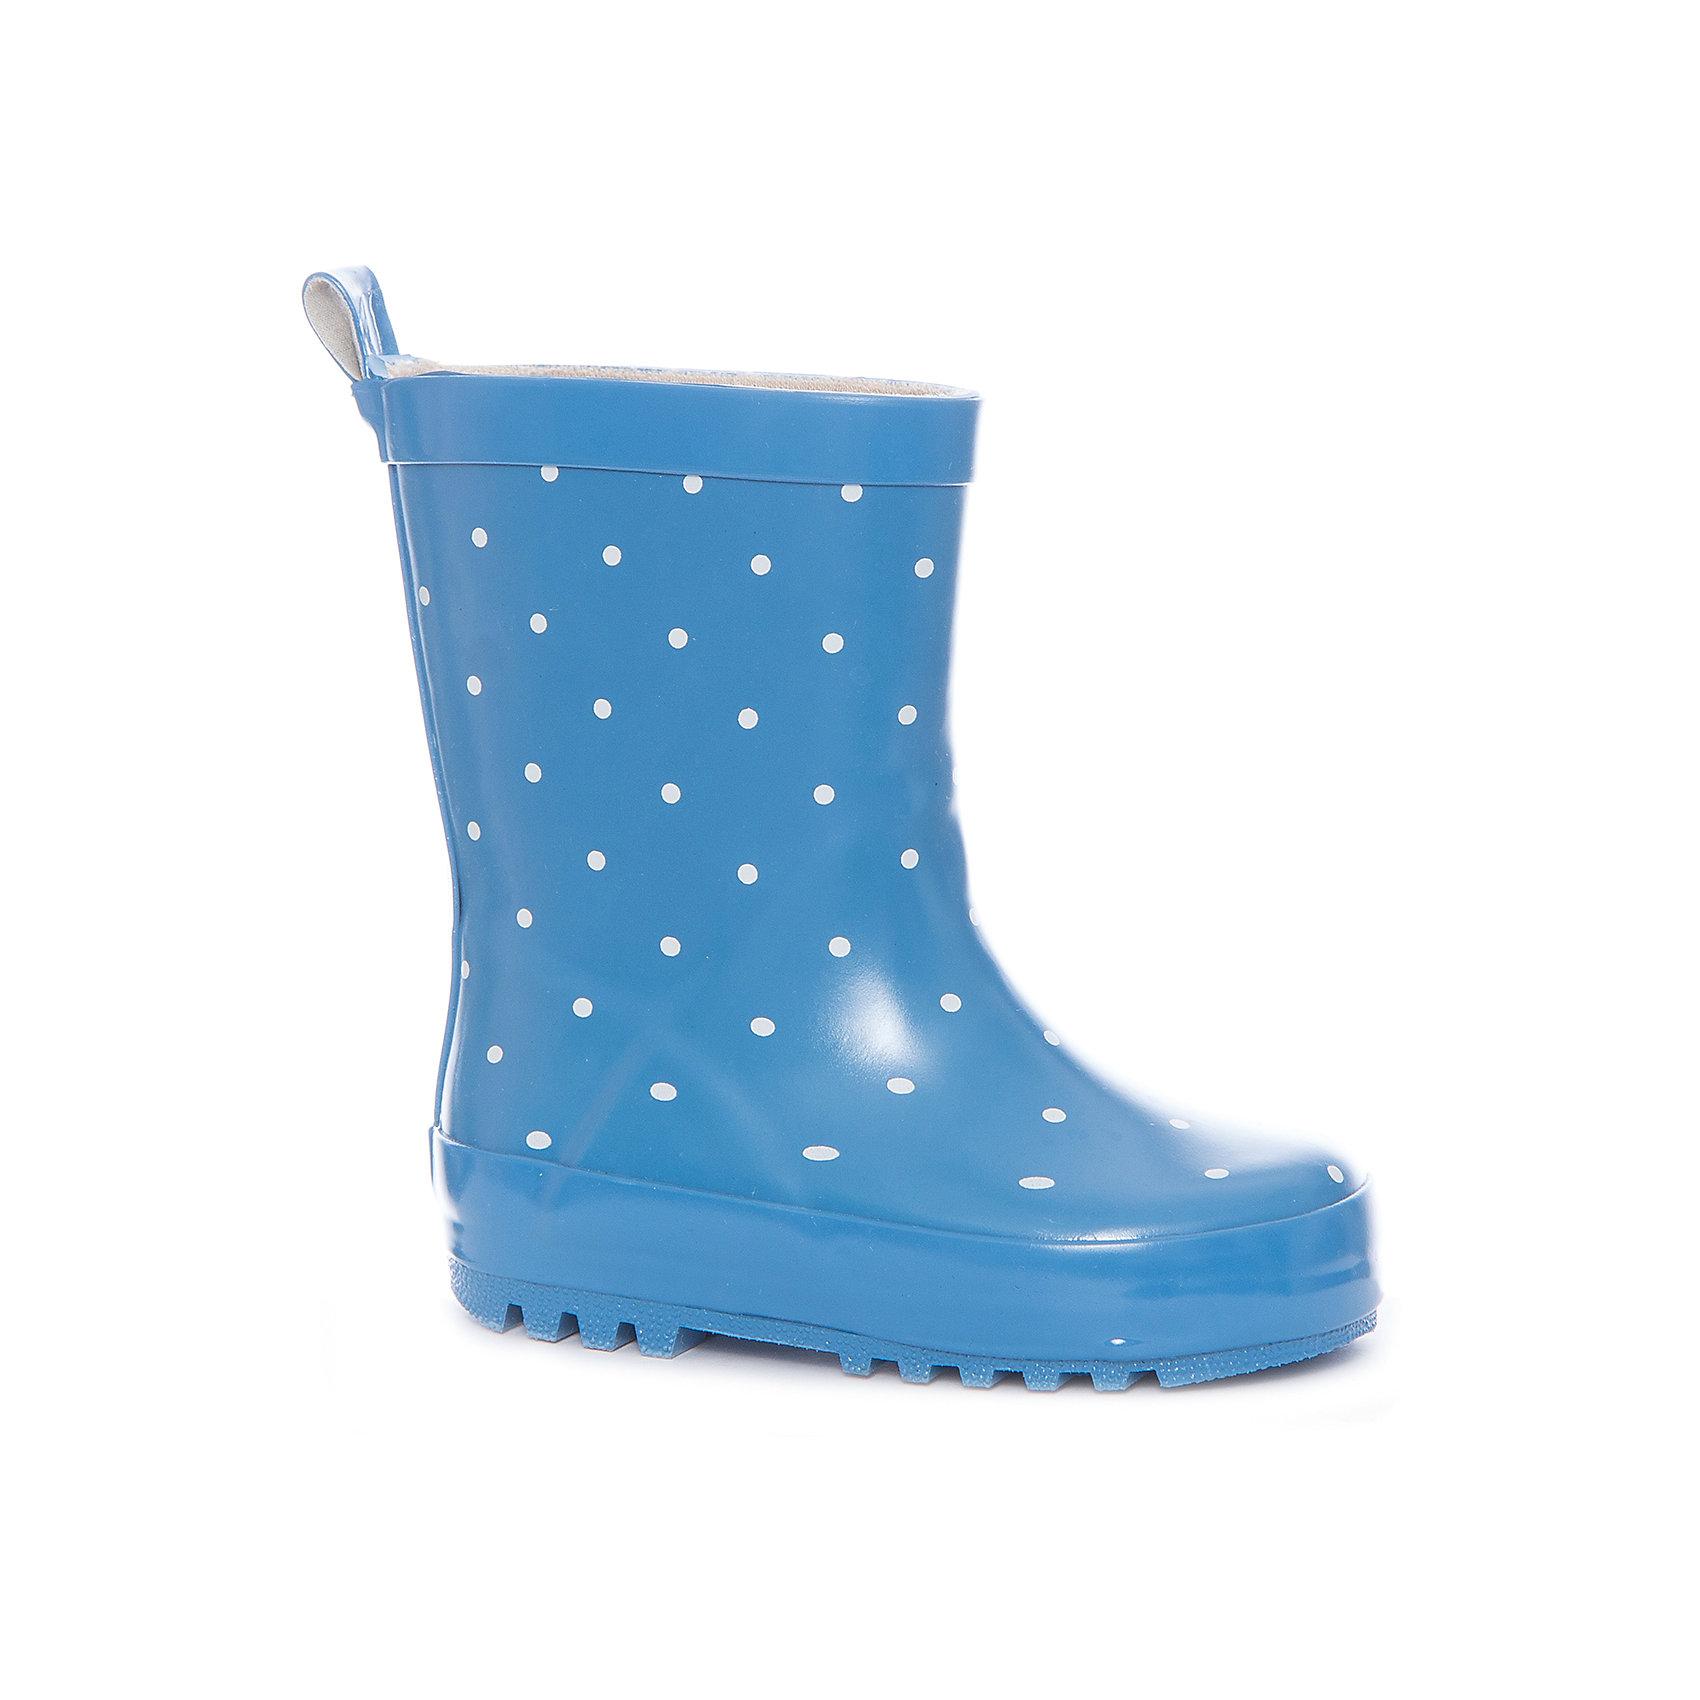 Резиновые сапоги  для девочки PlayTodayРезиновые сапоги<br>Сапоги для девочки PlayToday<br>Резиновые сапоги для ежедневного использования в дождливую погоду. Модель на утолщенной рифленой подошве. Небольшой устойчивый каблук. Мягкая подкладка  обеспечит комфорт ногам. Сапоги  декорированы ярким рисунком и контрастным цветом контура подошвы на верхней части голенищаПреимущества: Подкладка из хлопкаМодель на небольшом каблуке<br>Состав:<br>Верх:100%резина;Подкладка:100%хлопок;Подошва:100%резина<br><br>Ширина мм: 183<br>Глубина мм: 60<br>Высота мм: 135<br>Вес г: 119<br>Цвет: разноцветный<br>Возраст от месяцев: 18<br>Возраст до месяцев: 21<br>Пол: Женский<br>Возраст: Детский<br>Размер: 26,22,24,25,23<br>SKU: 5408405